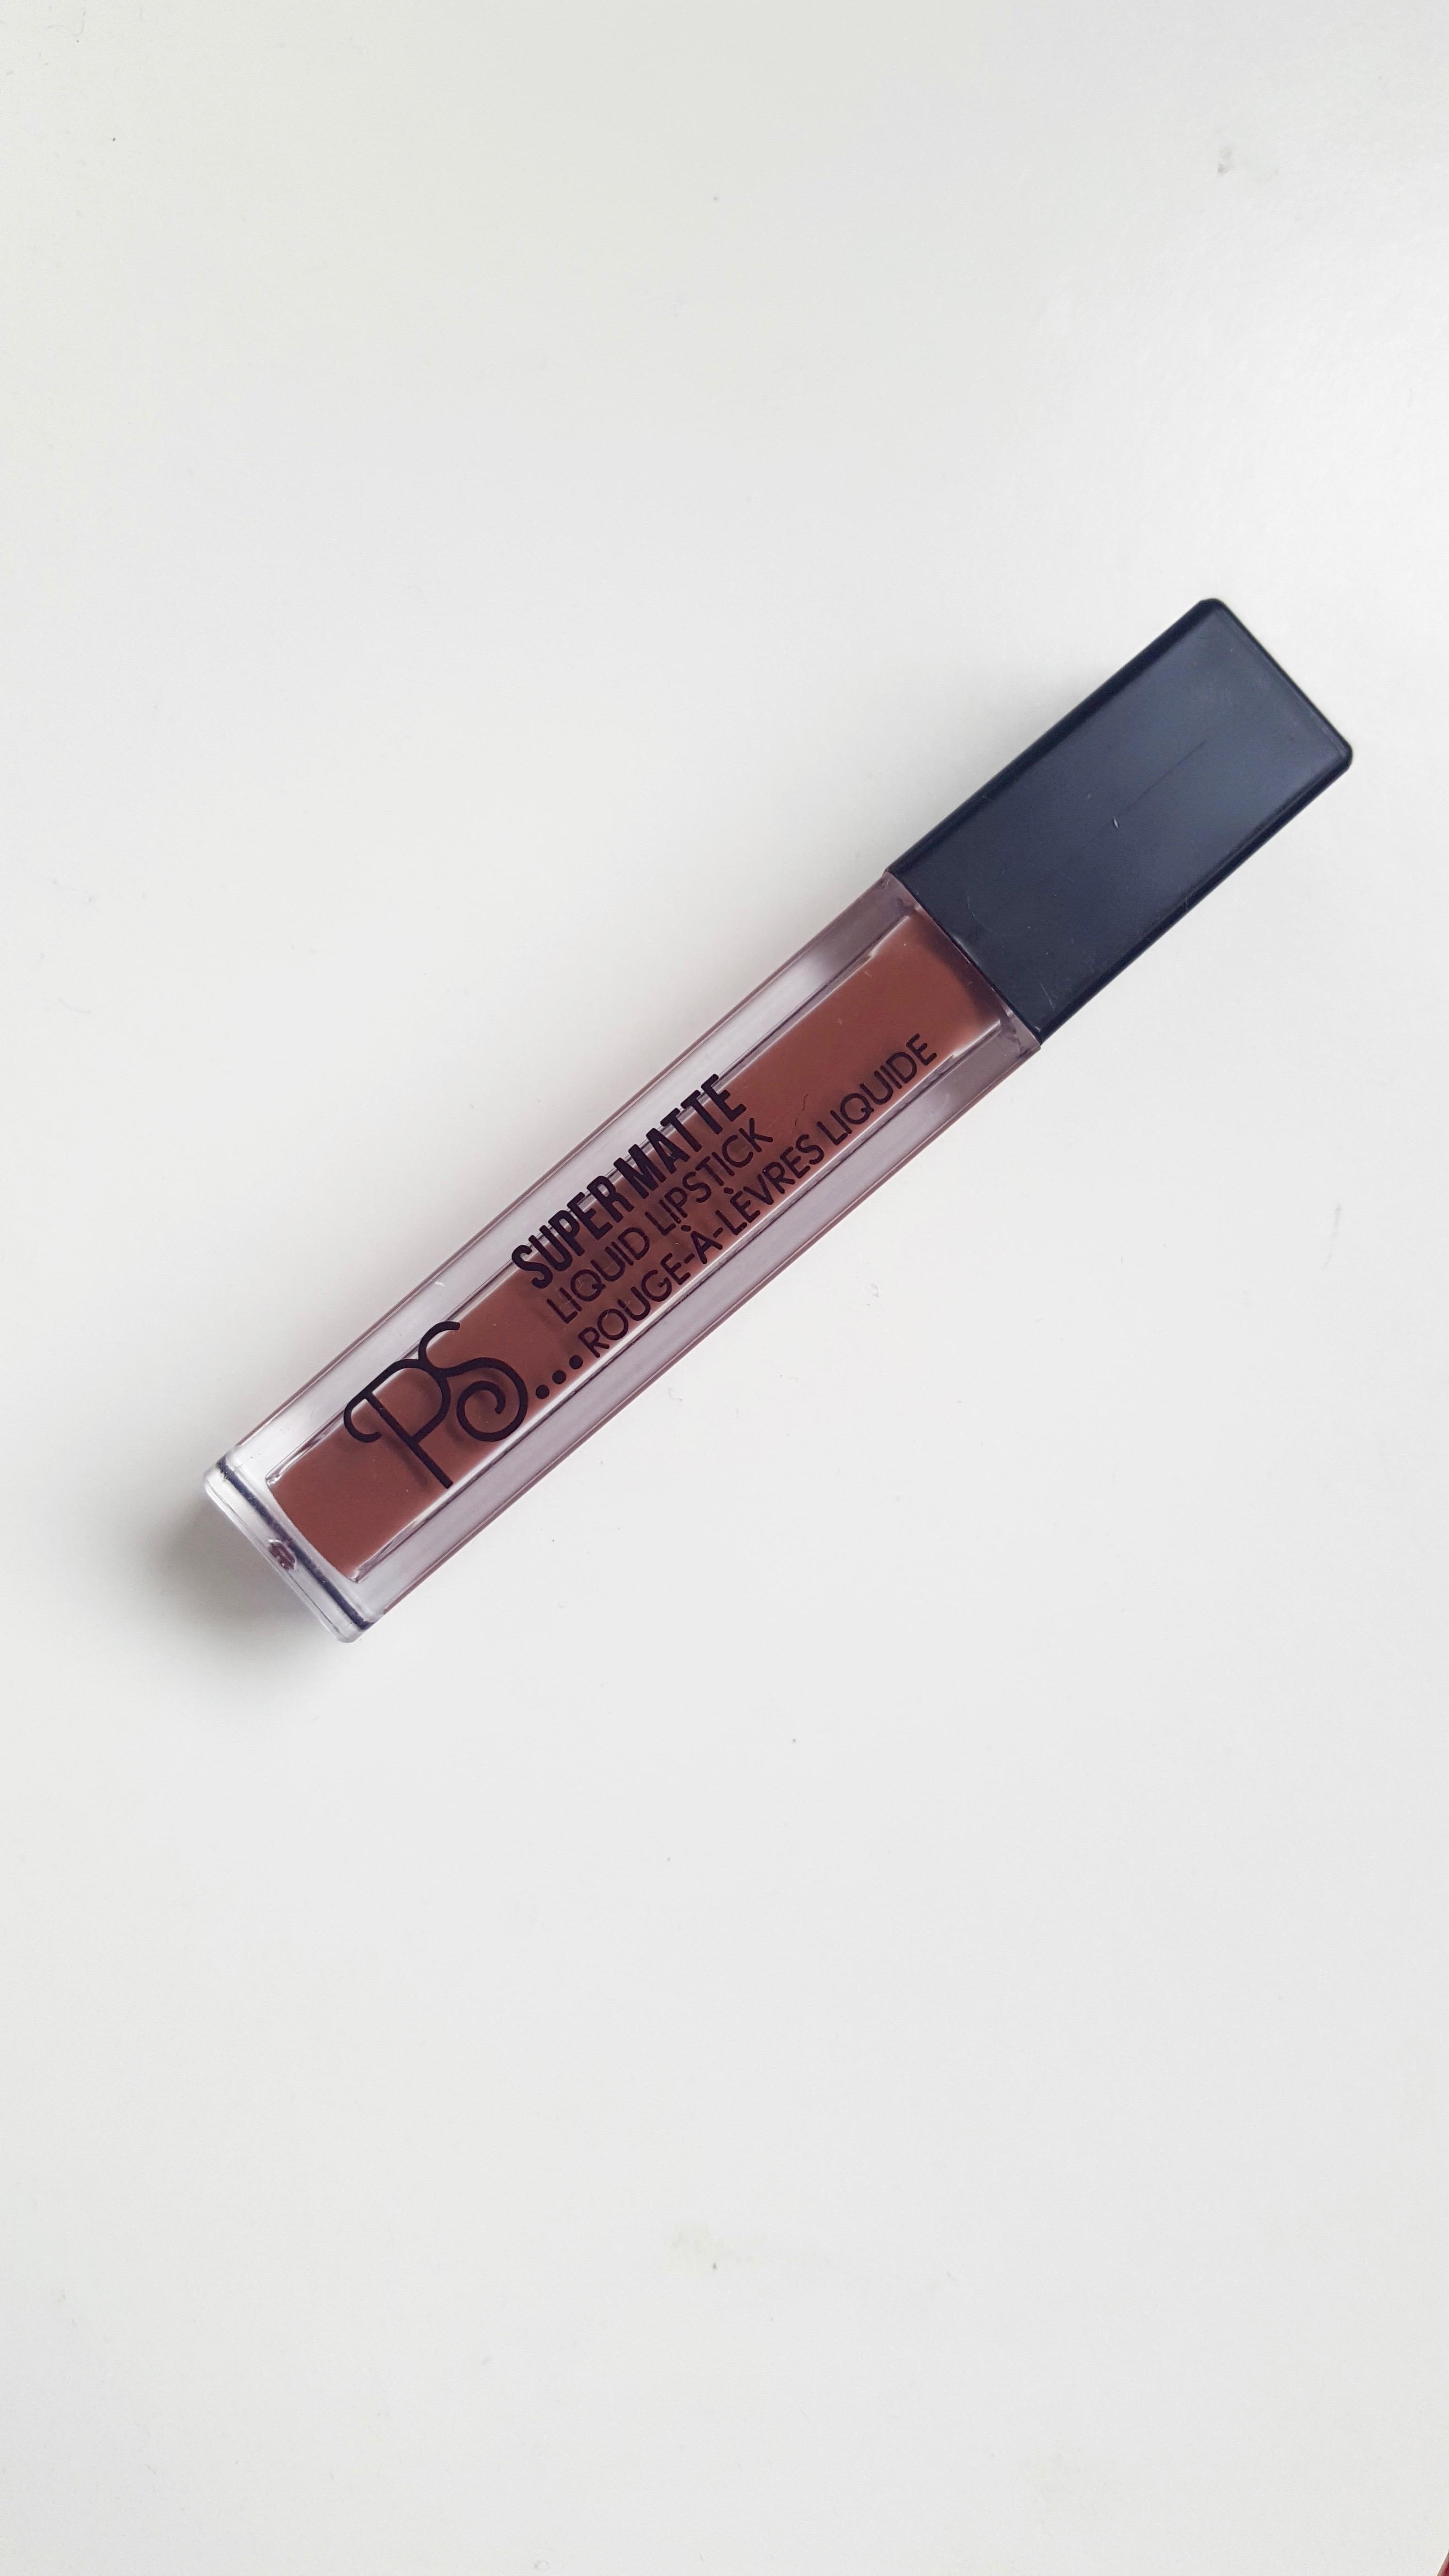 ps-super-matte-liquid-lipstick-karla-primark